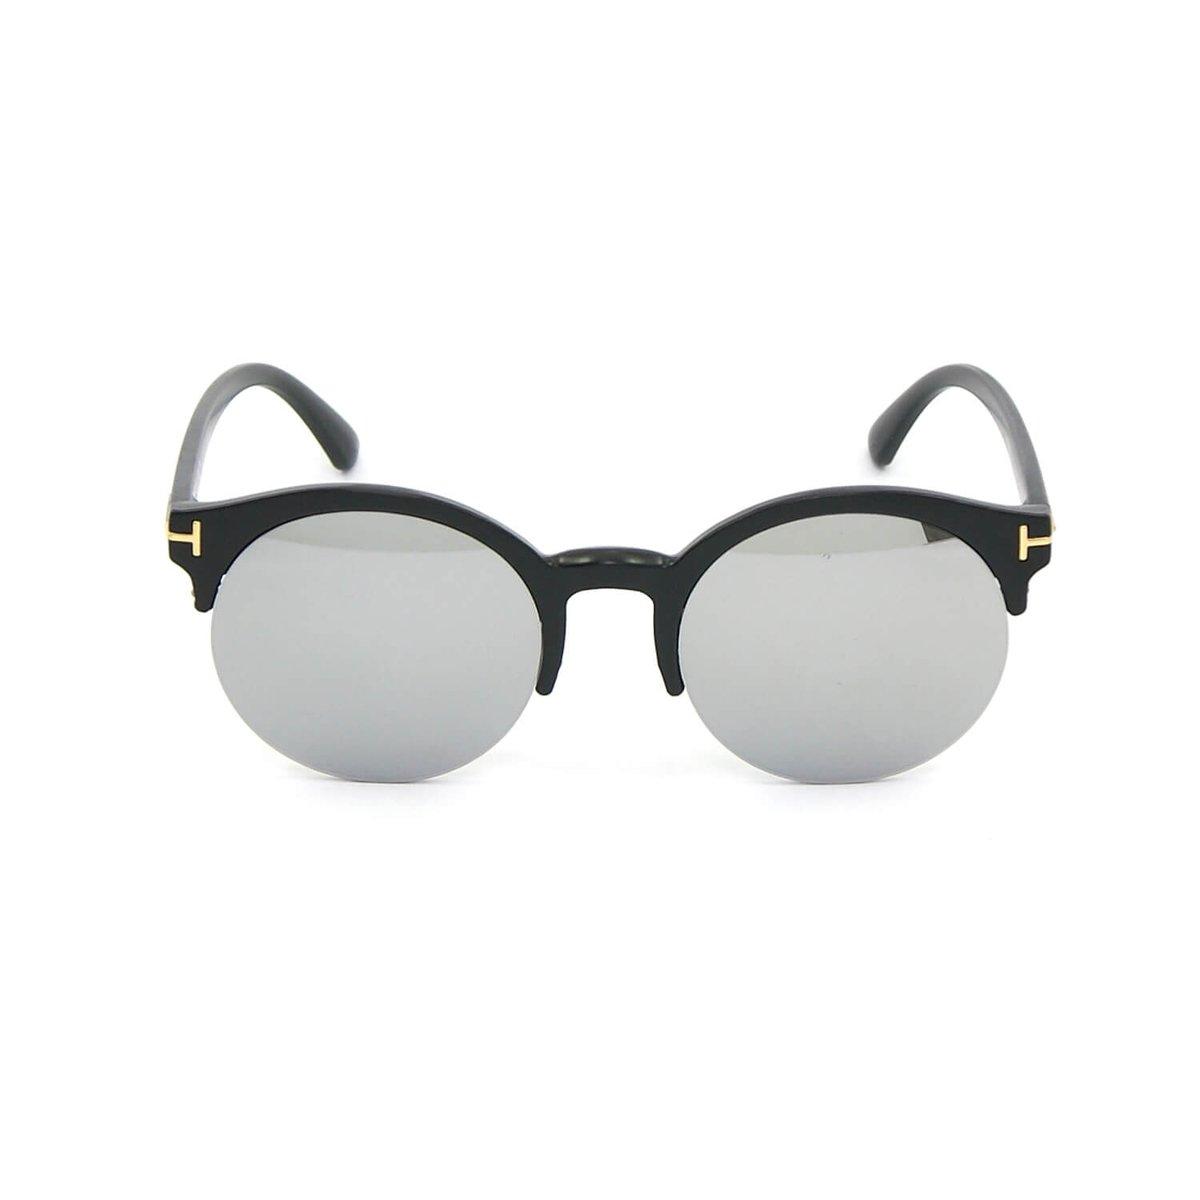 86970b54f1e97 Óculos Redondo Preto com Lente Espelhada - Preto - Compre Agora ...